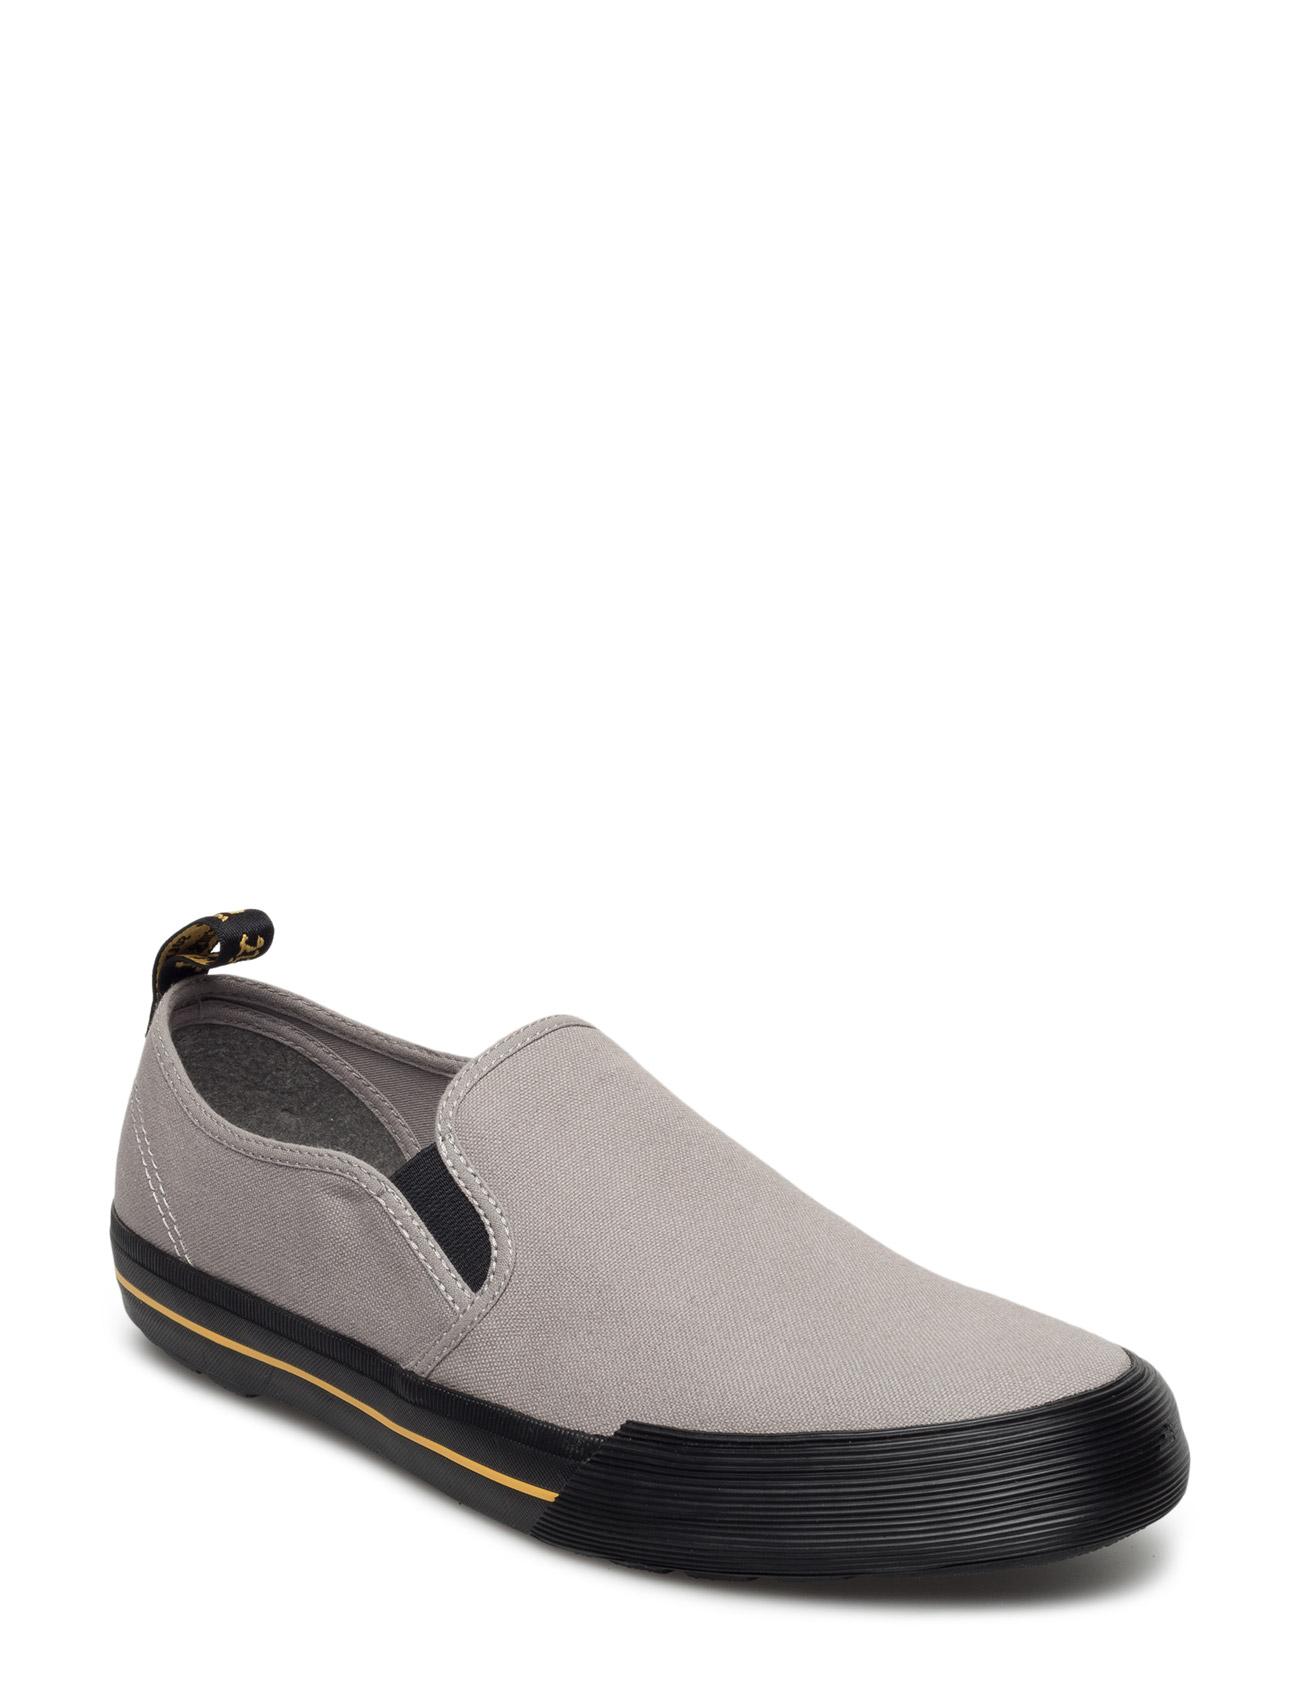 Toomey Dr. Martens Casual sko til Herrer i Grå